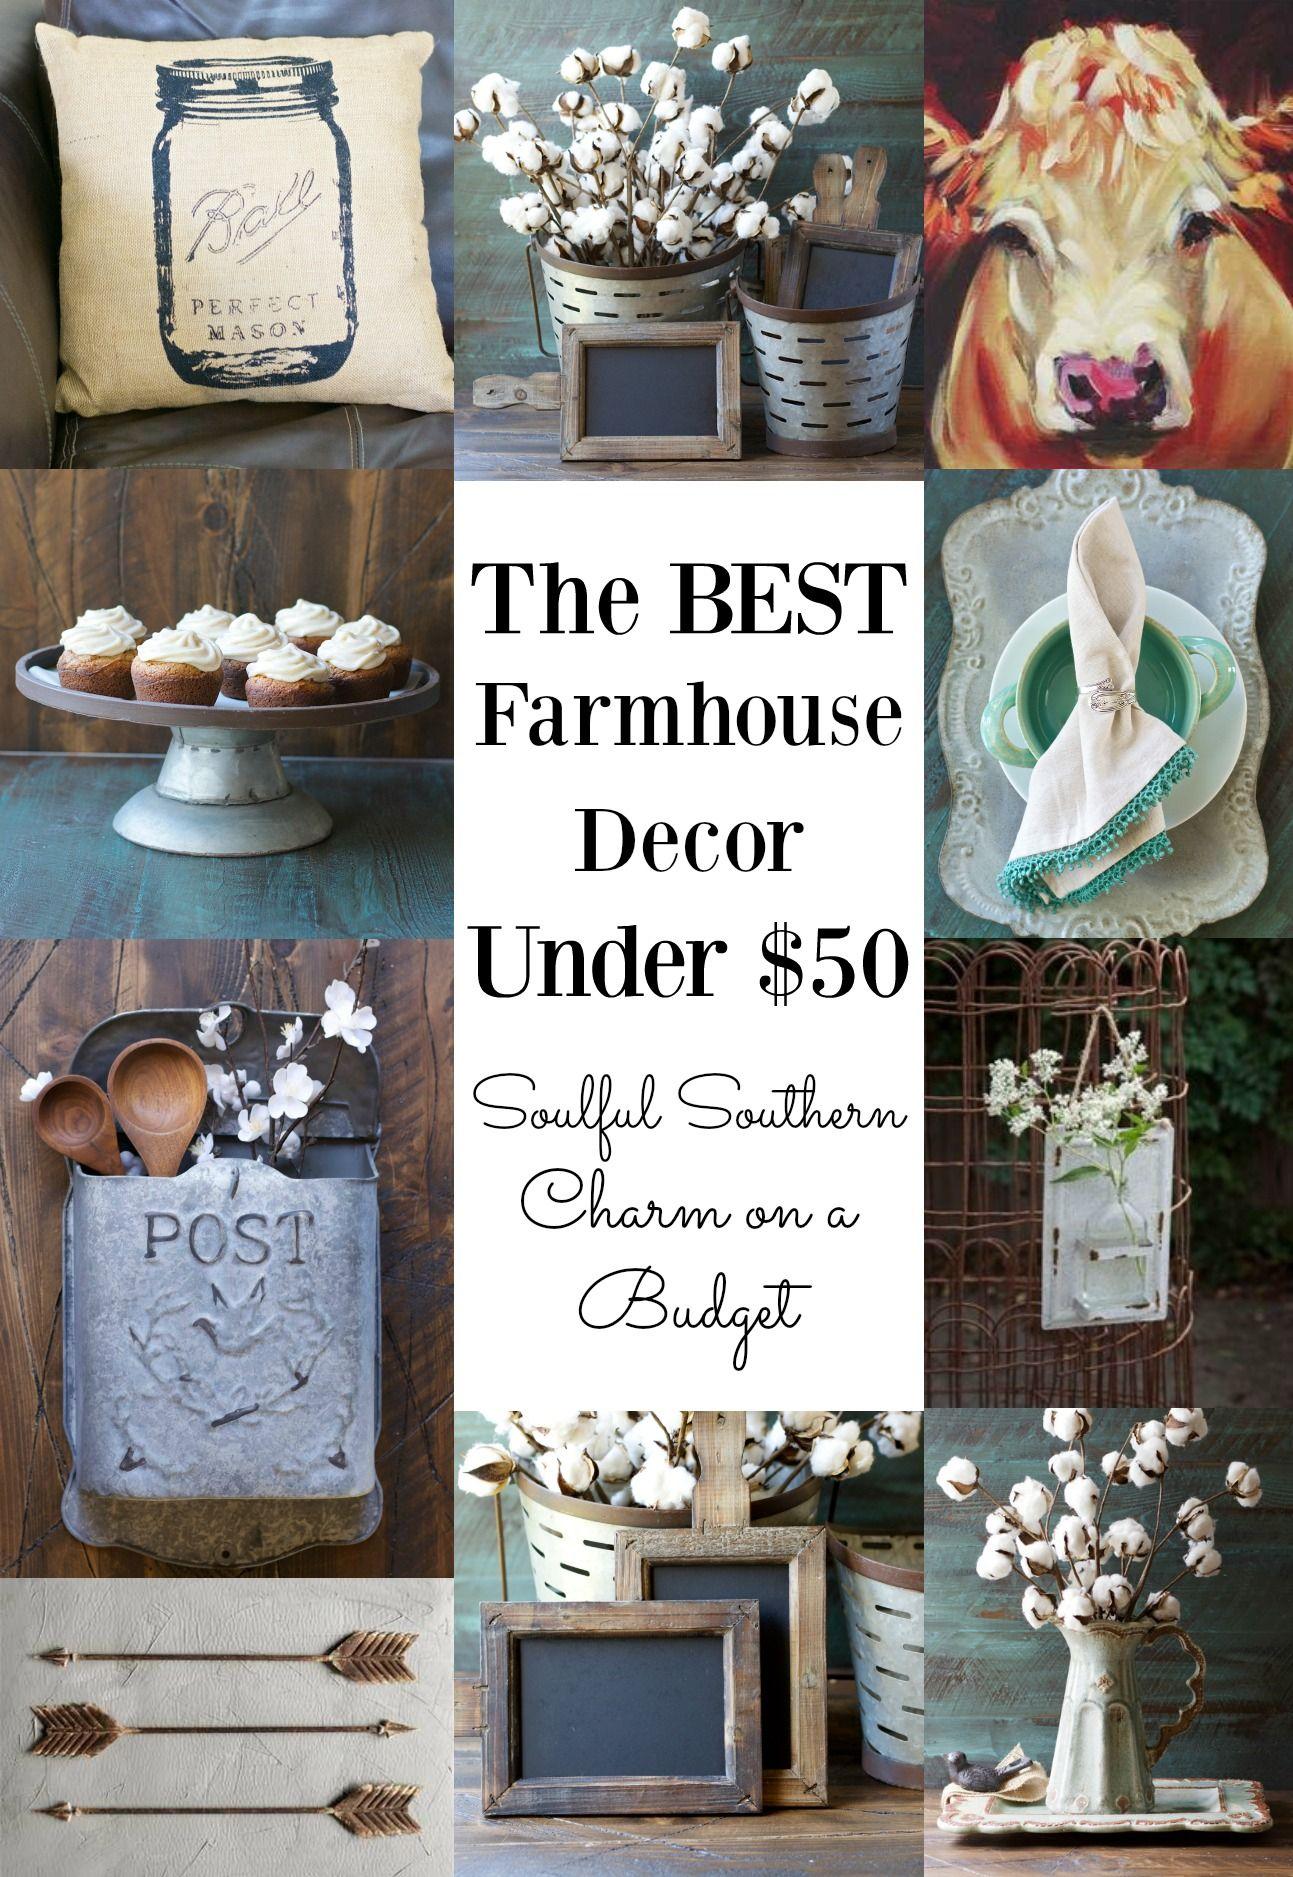 Vintage Farmhouse Kitchen Decor Free Farmhouse Printables For Your Home French Farmhouse Over